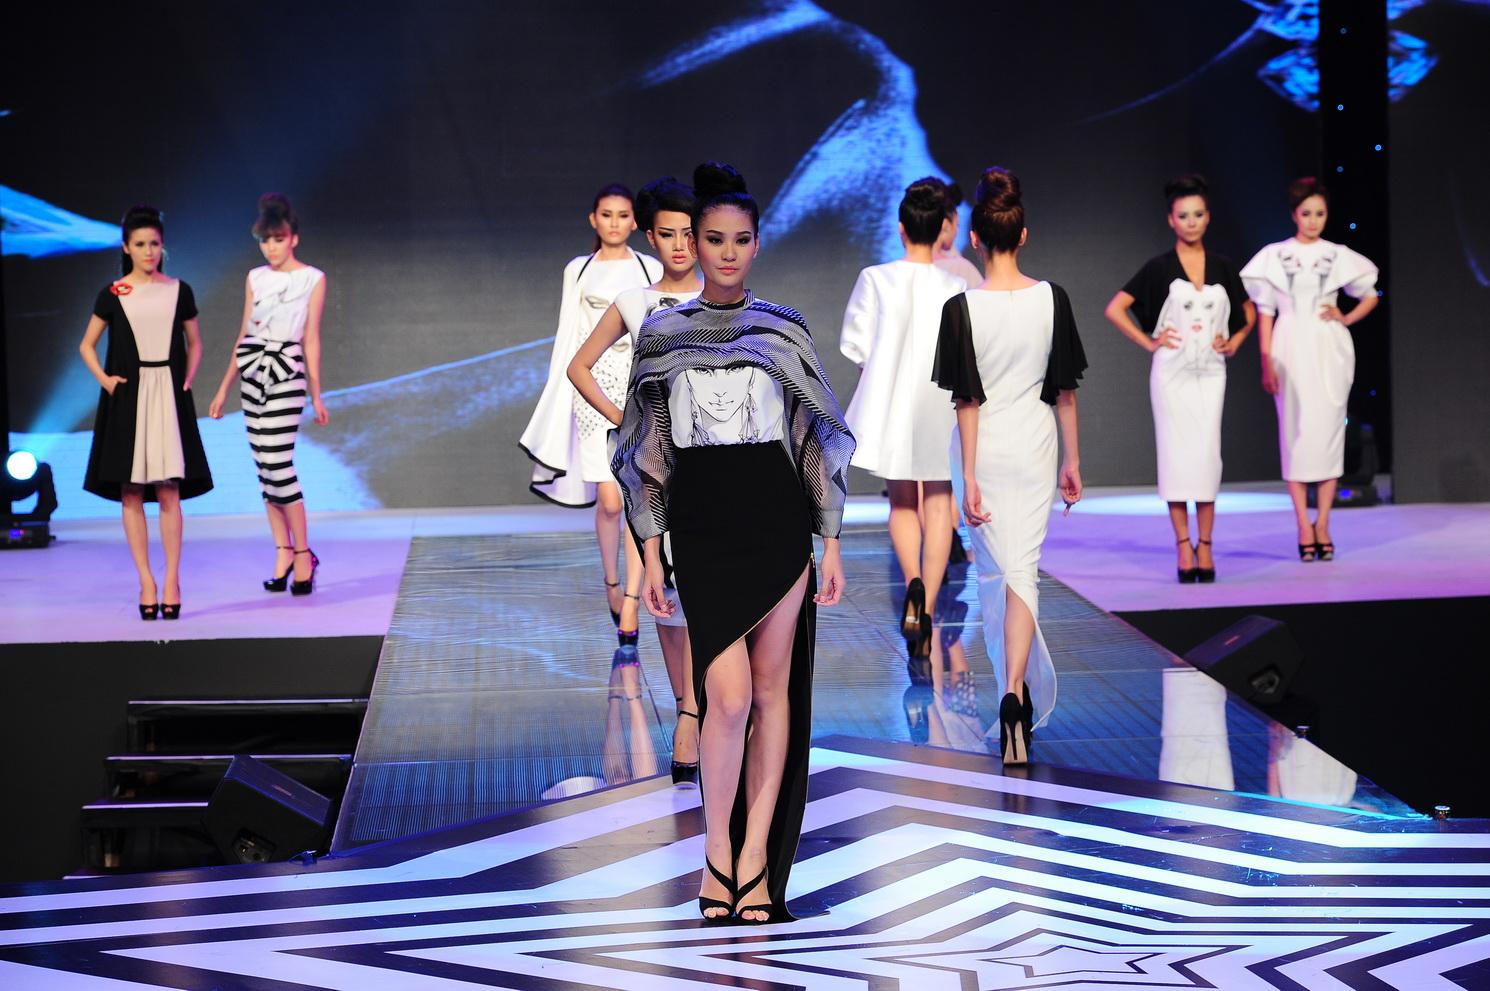 Theo dõi những sự kiện thời trang lớn là một trong những cách đơn giản giúp bạn nắm bắt được xu hướng thời trang